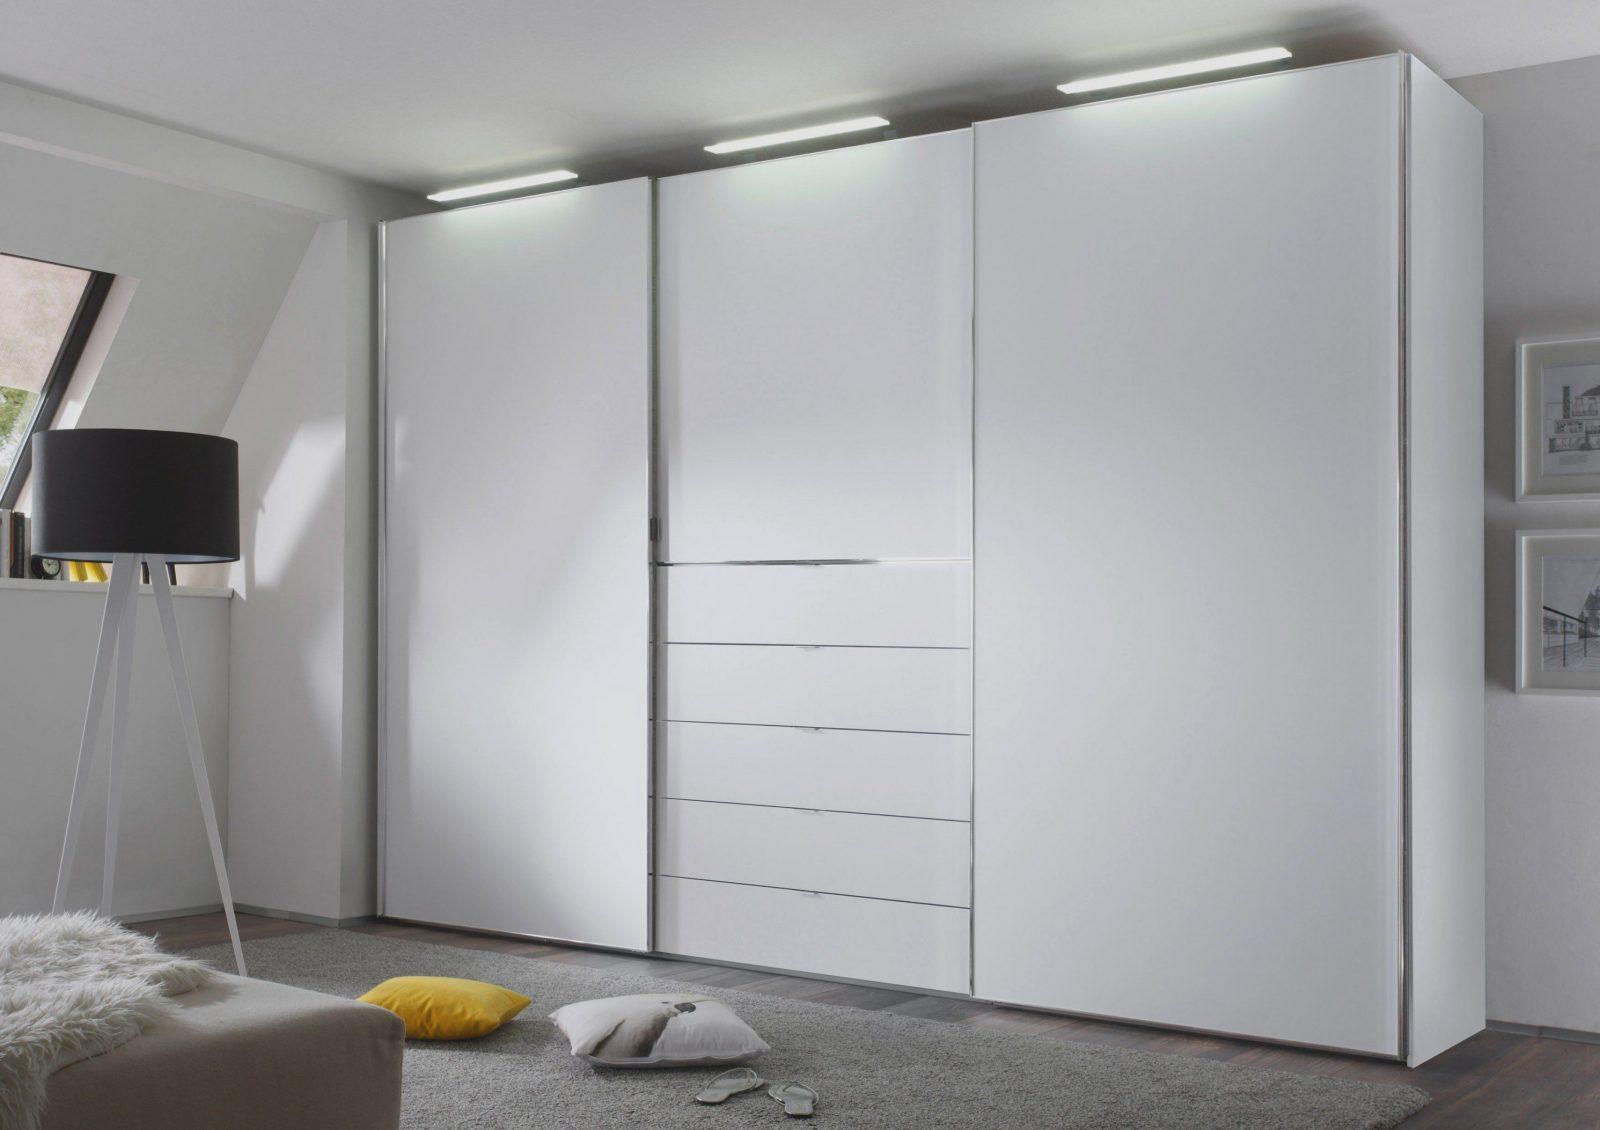 Couchtisch Höhenverstellbar Ausziehbar Weiß   Ikea ...